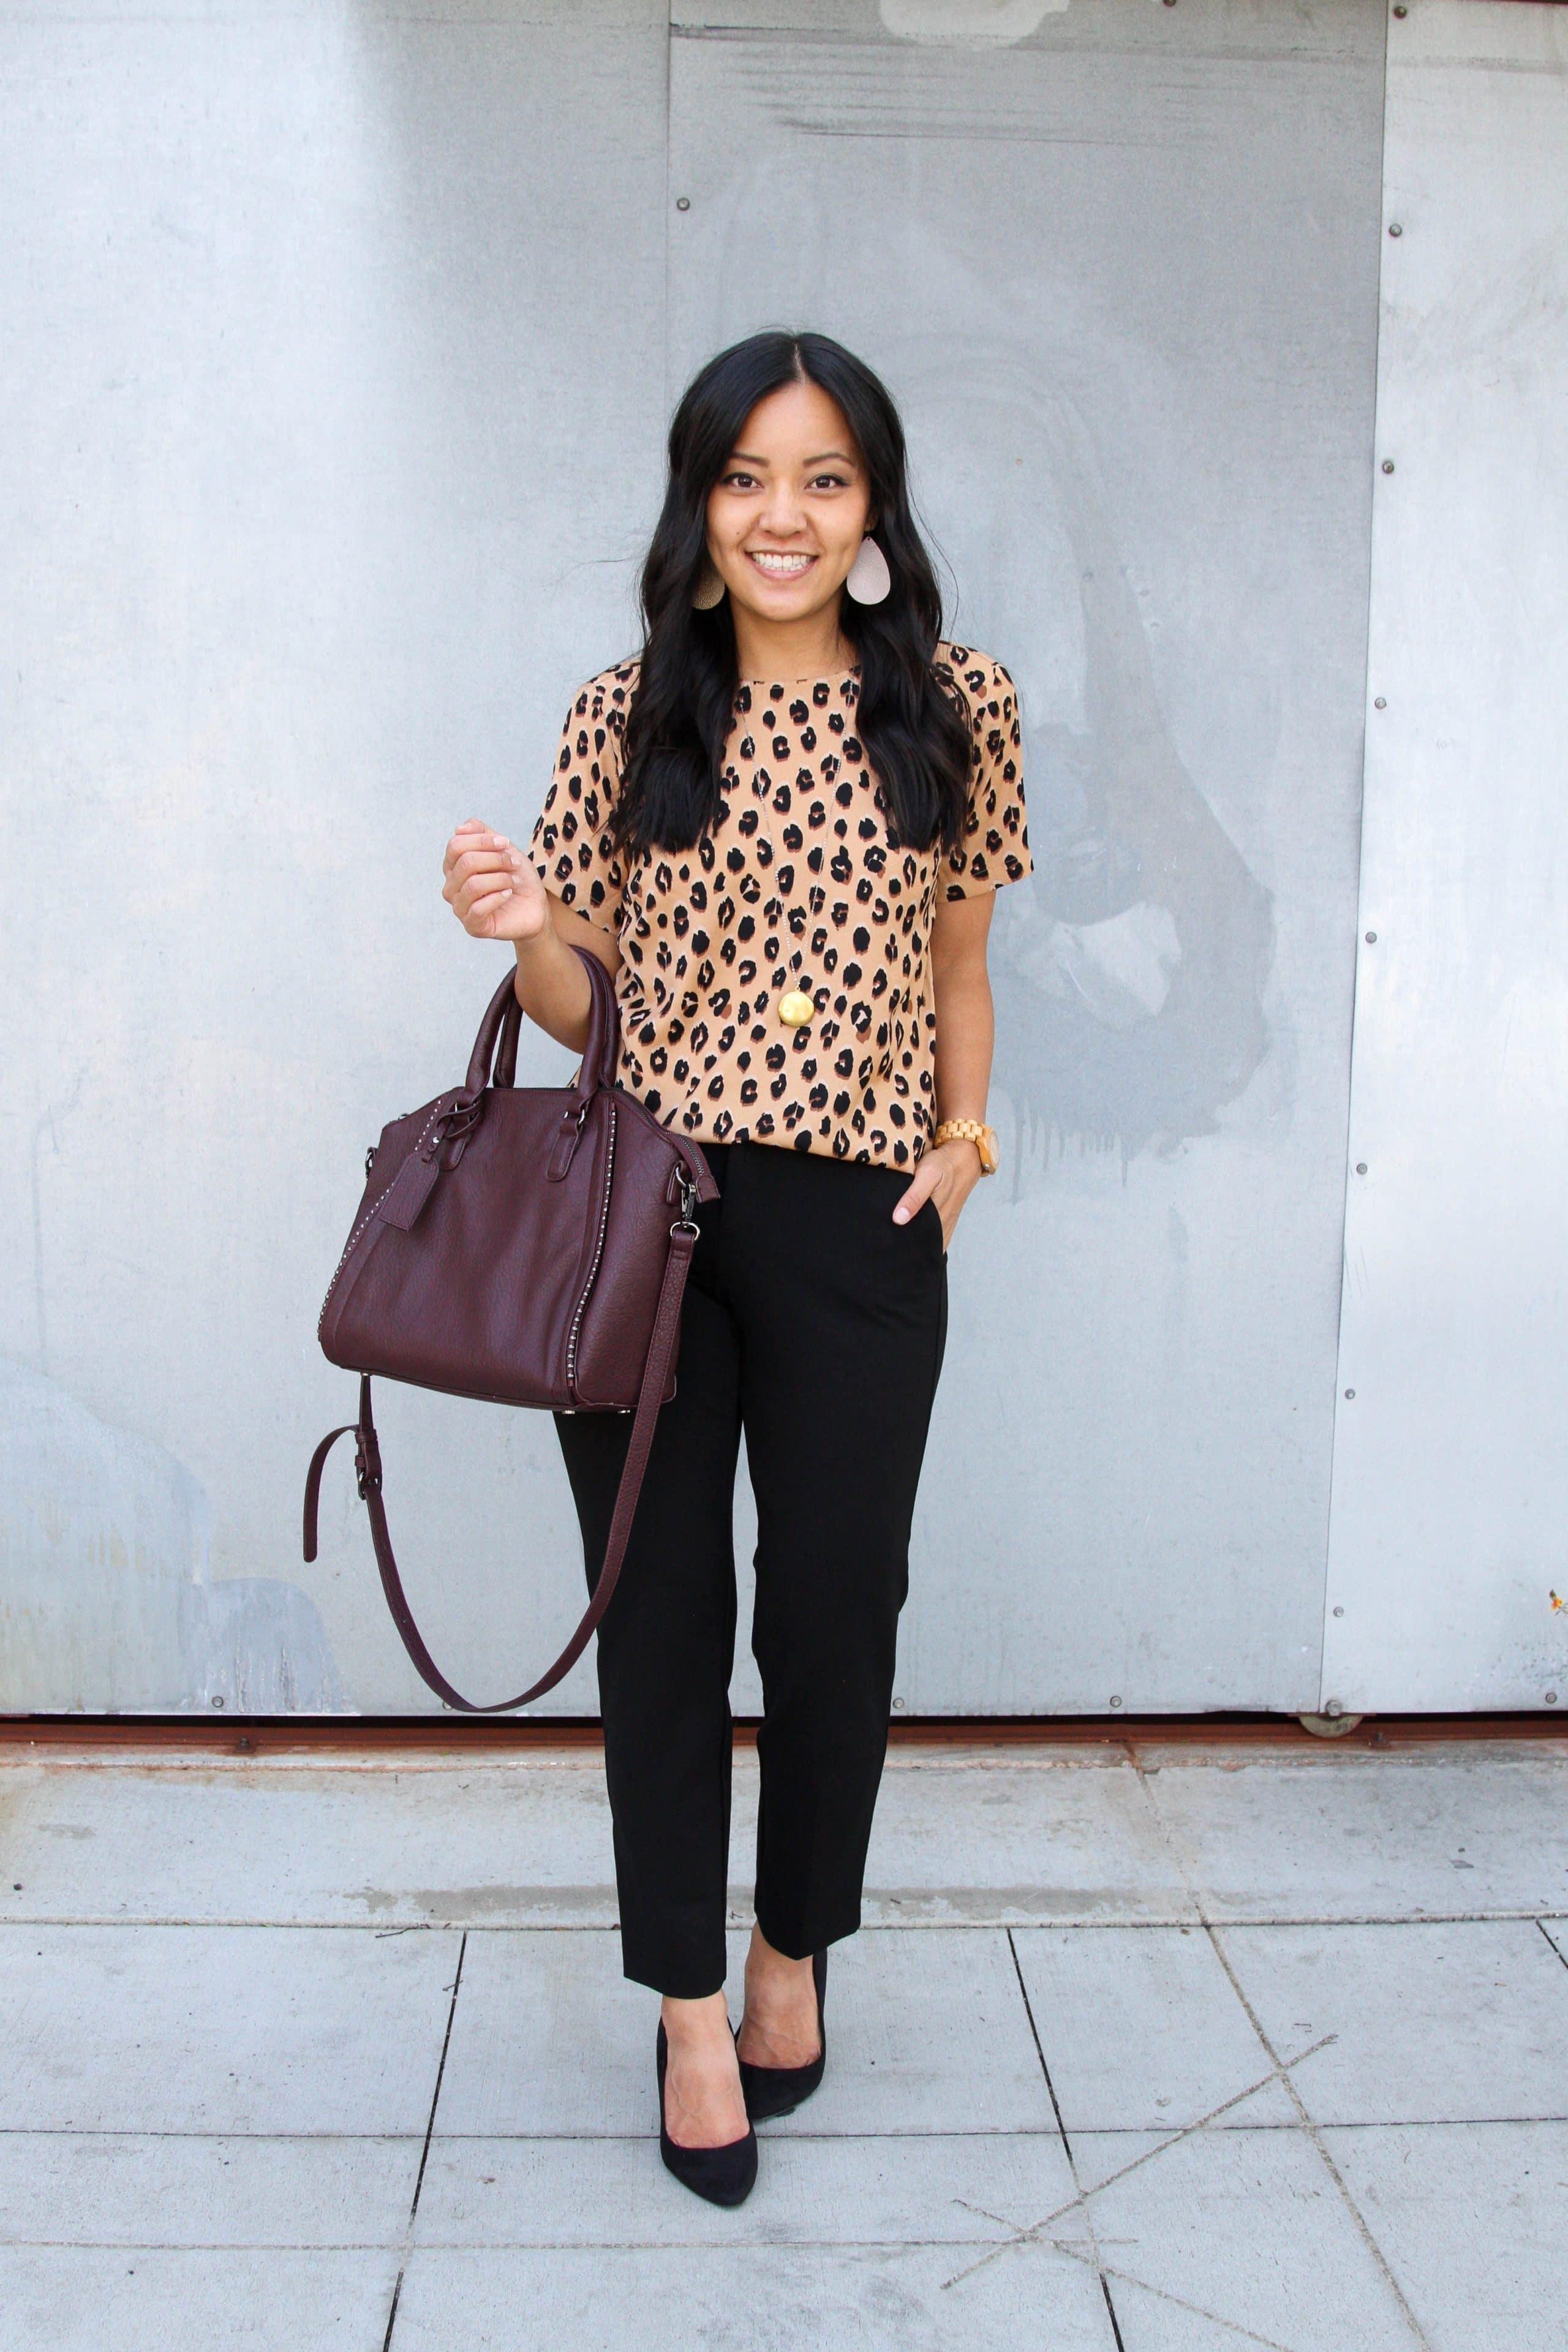 business casual + leopard print top + black pants + black heels + maroon tote